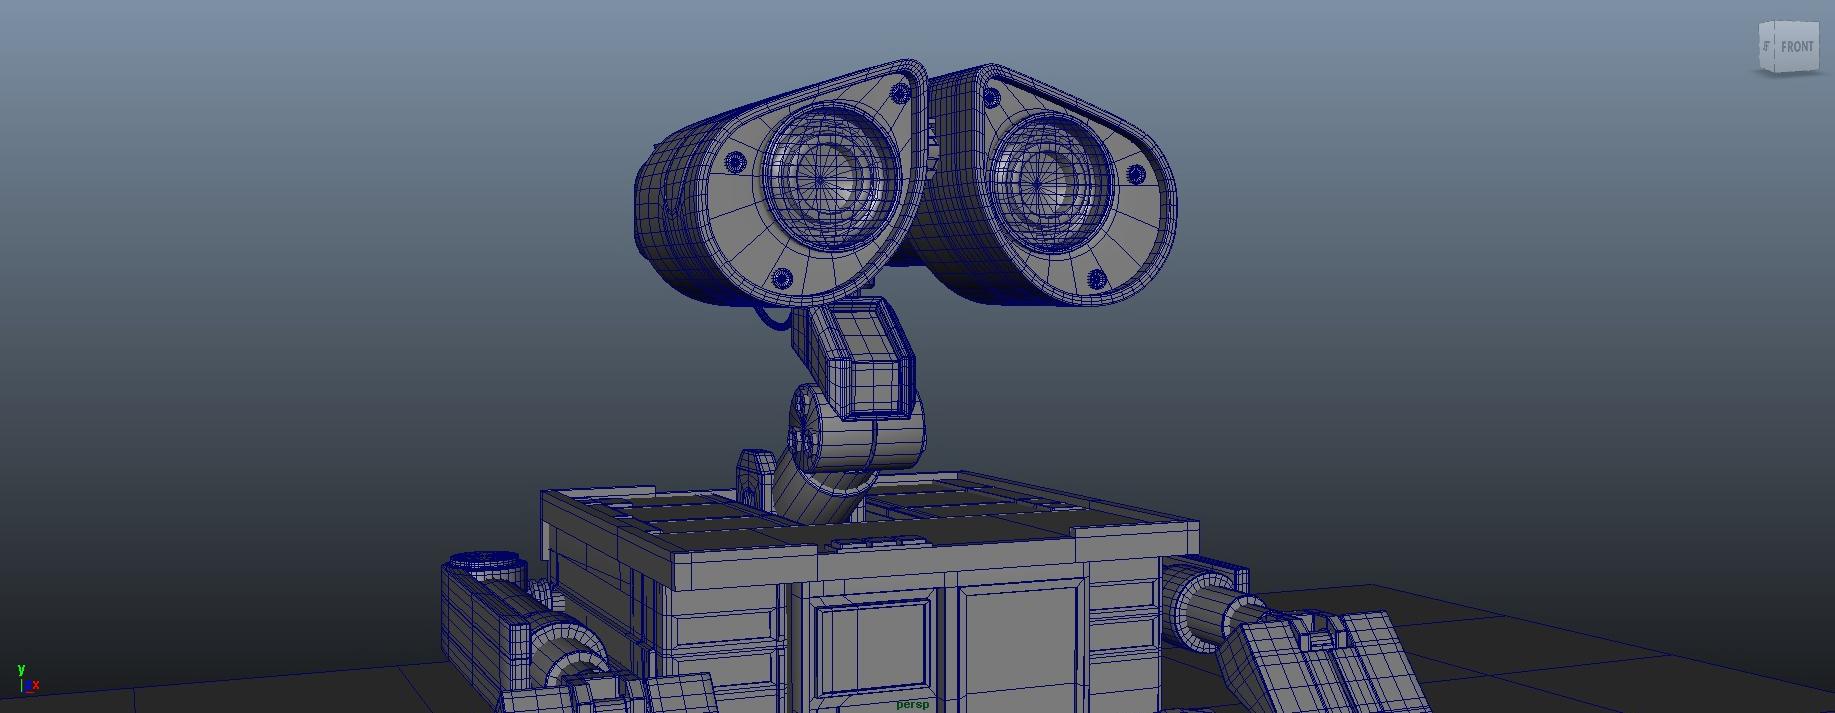 3d загварыг fnx ma mb бүтэцтэй 154211-аар харуул